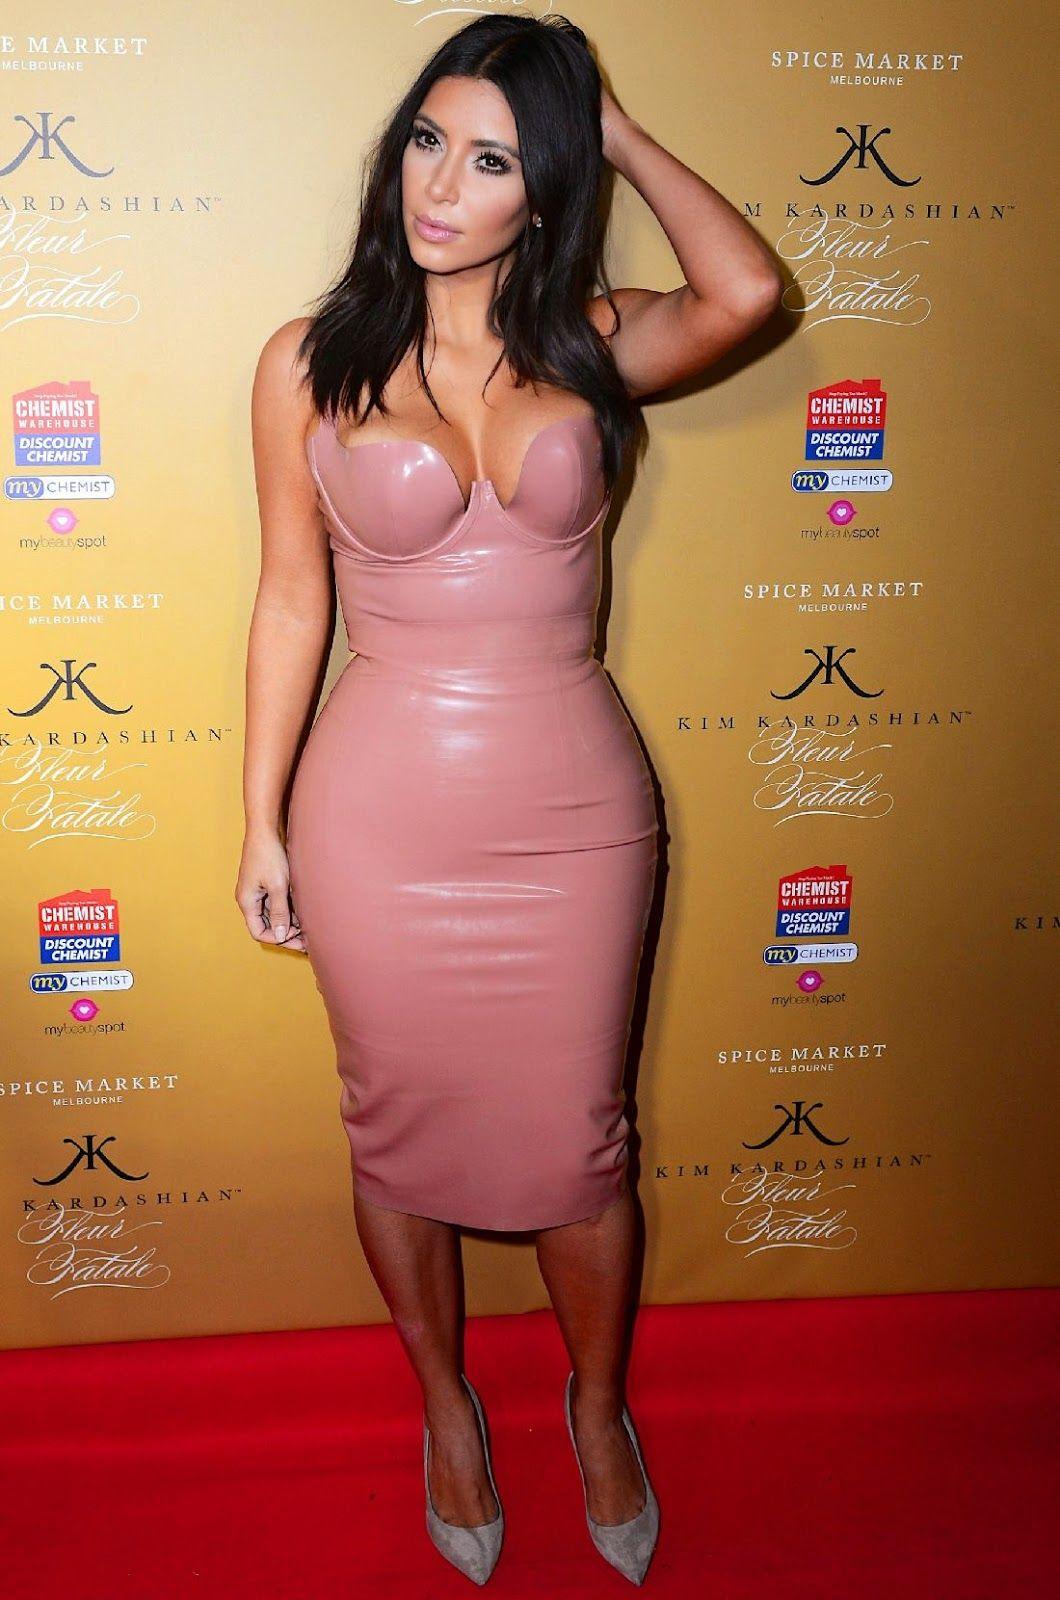 Celebrities In Leather: Kim Kardashian wears a hot latex dress ...